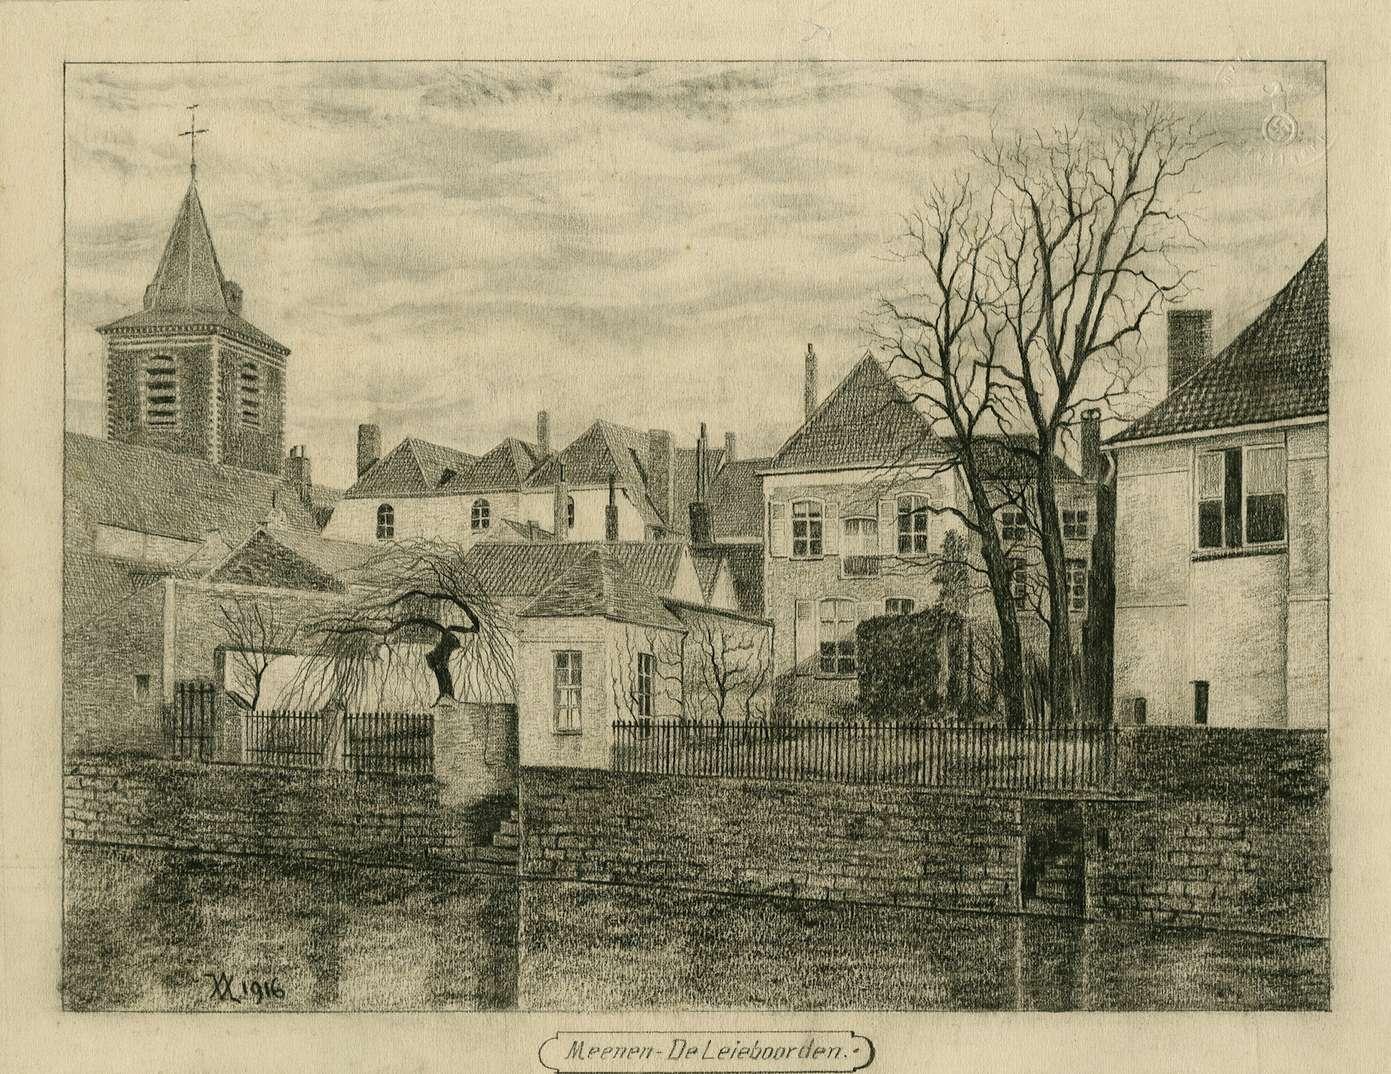 Rückansicht von der Leie aus Ort Meenen: Häuserzeile und Dorfkirche, Bild 1